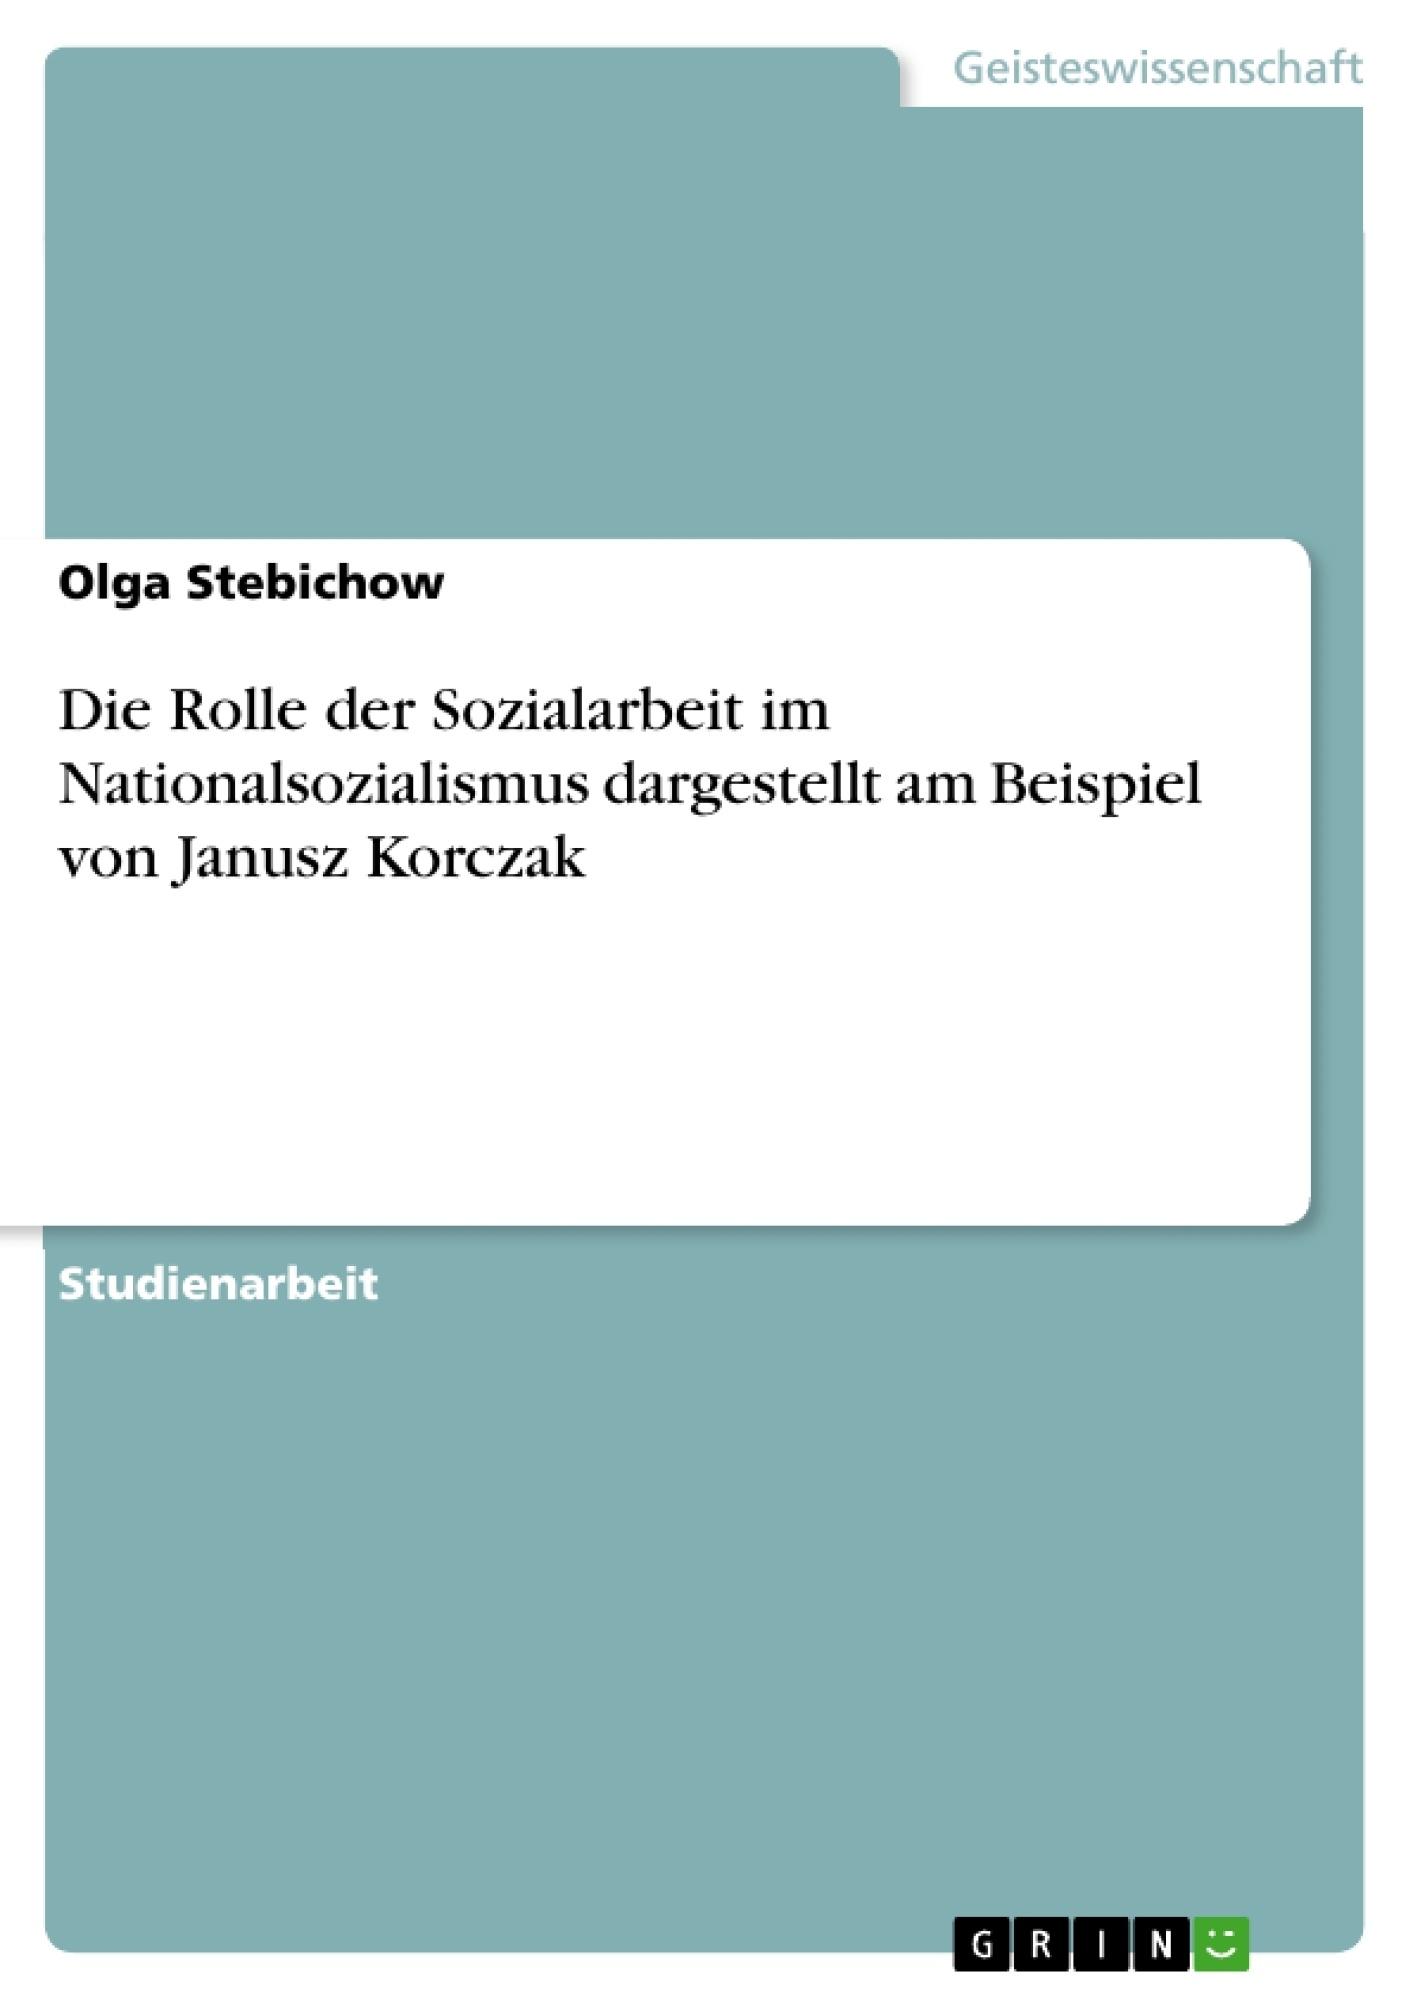 Titel: Die Rolle der Sozialarbeit im Nationalsozialismus dargestellt am Beispiel von Janusz Korczak